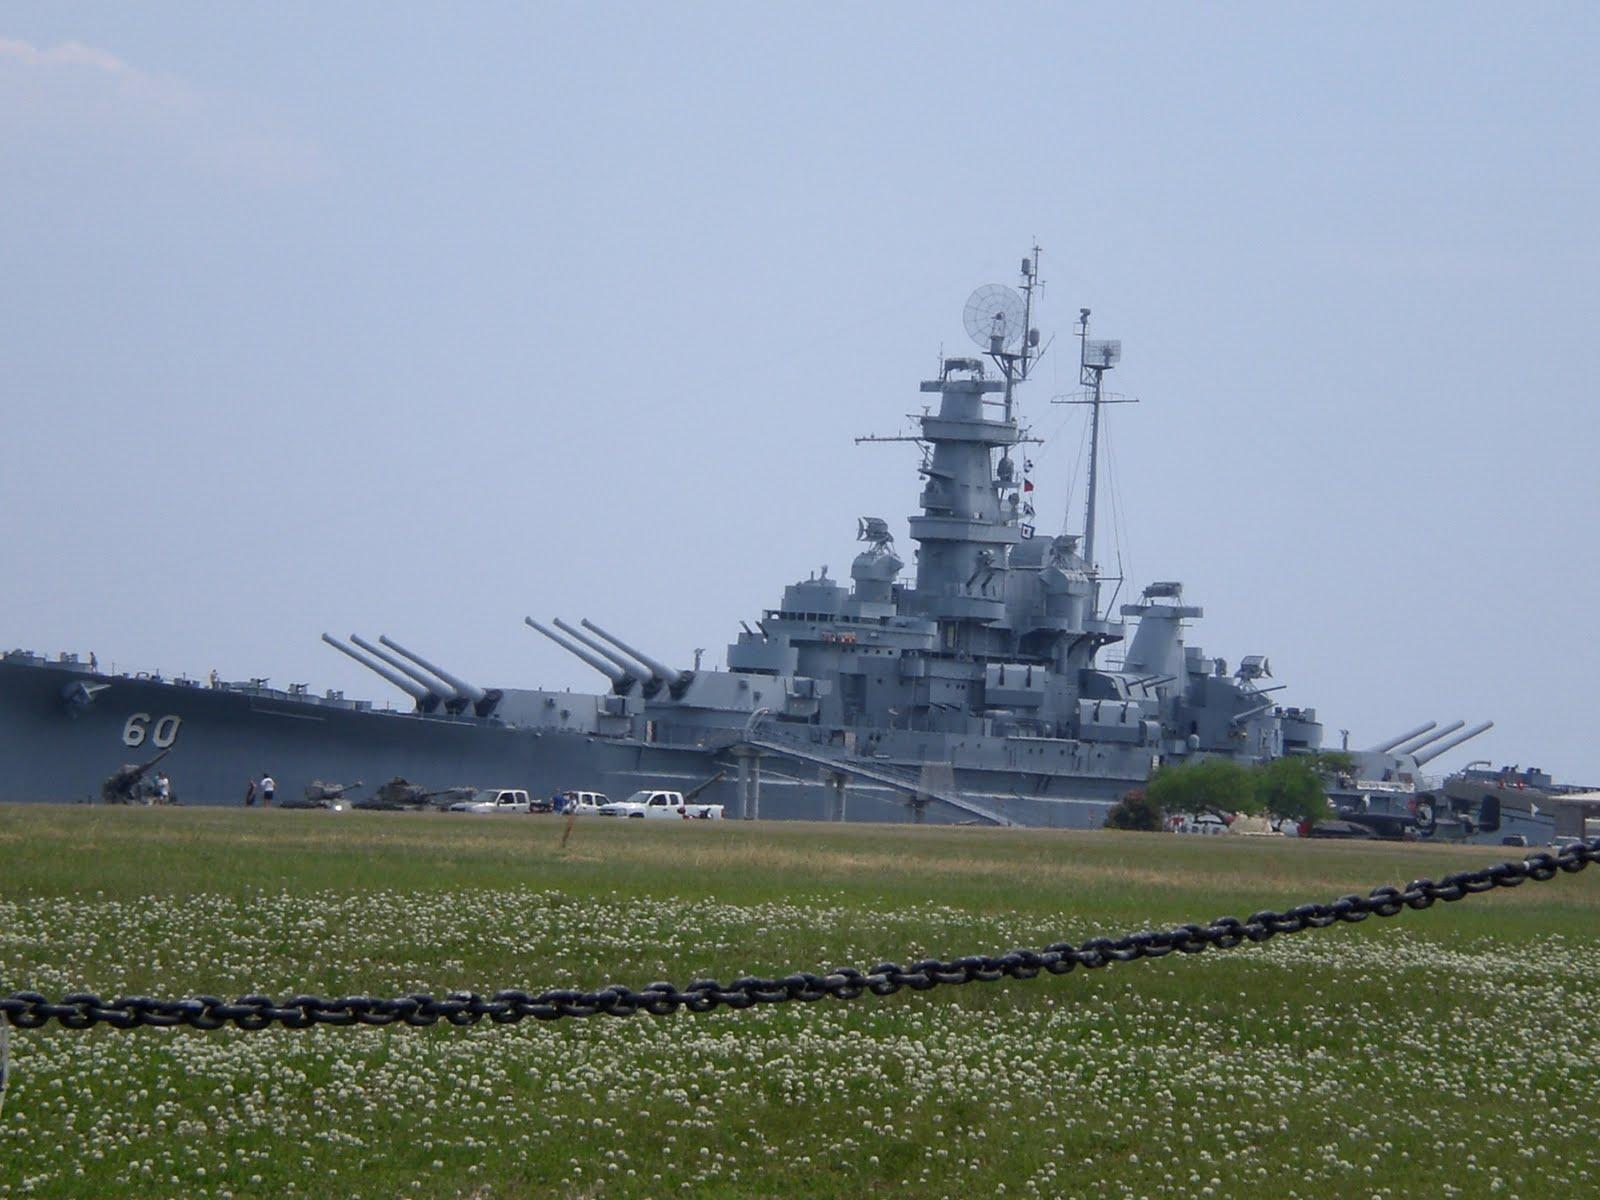 sweet home alabama uss alabama battleship memorial park. Black Bedroom Furniture Sets. Home Design Ideas